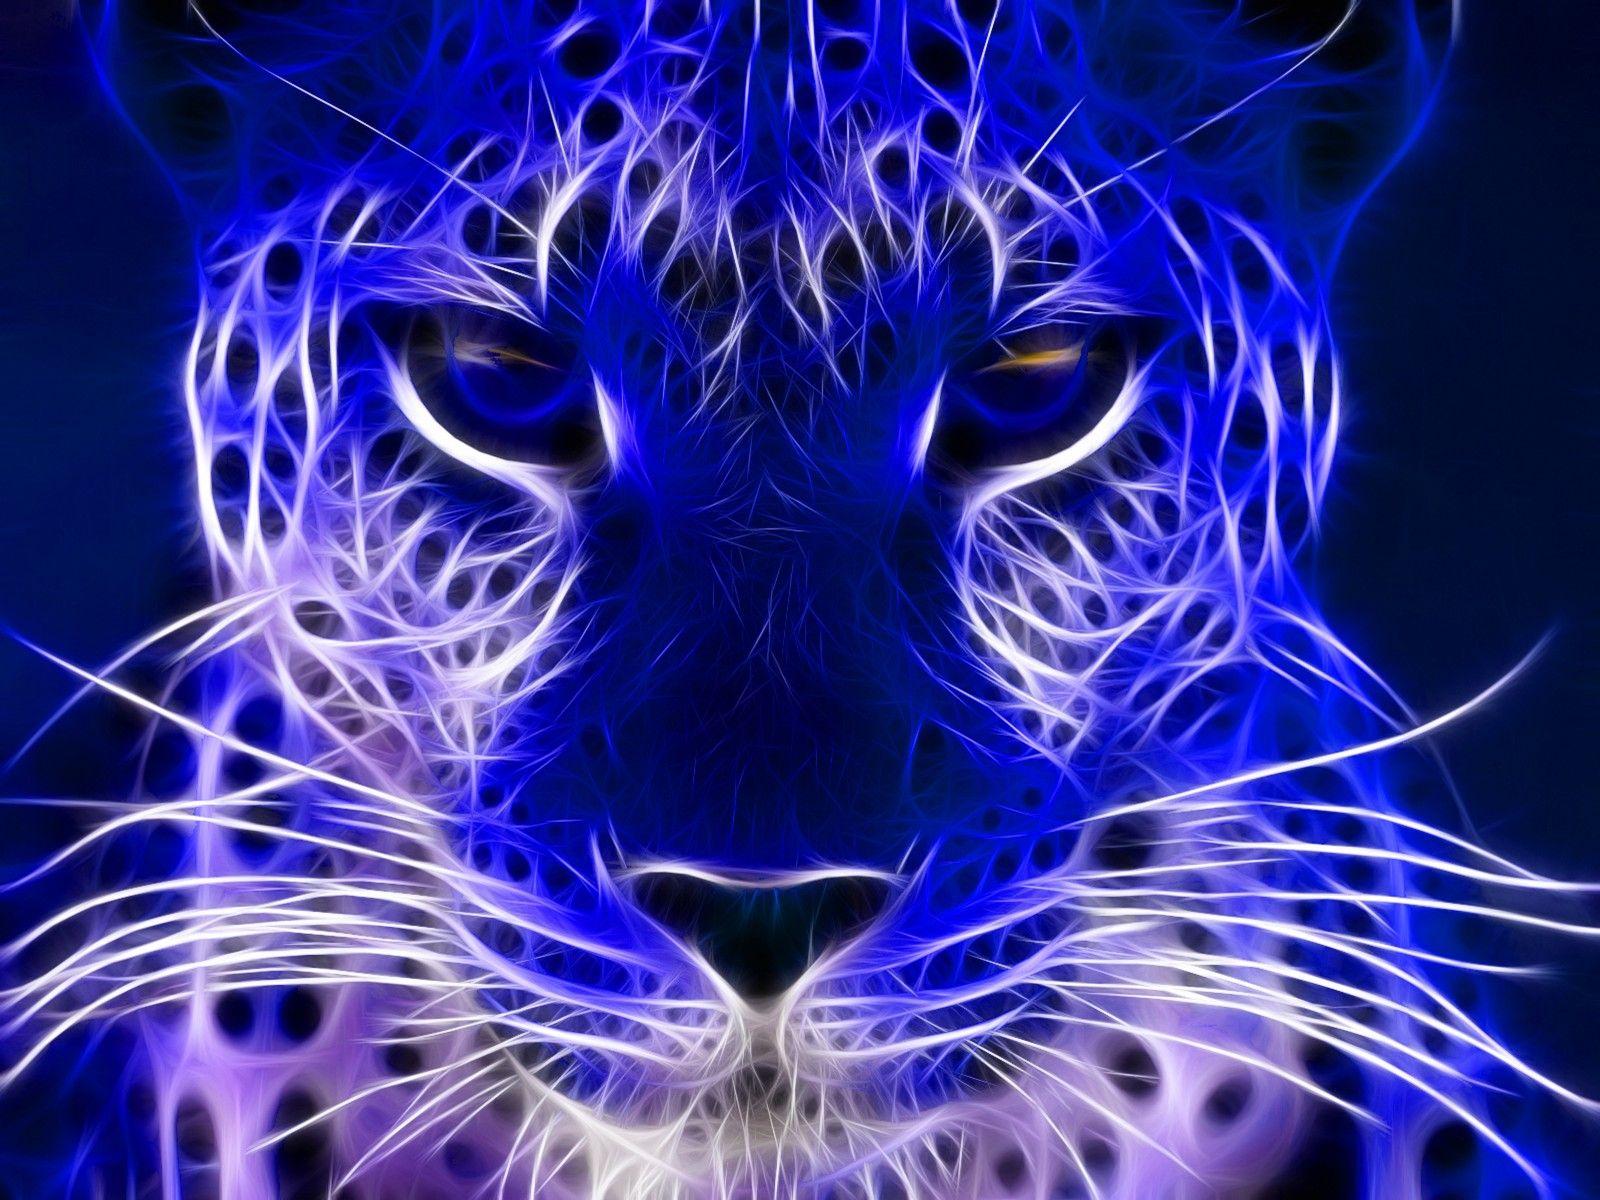 Blue hd blue electric cheetah blue electric cheetah